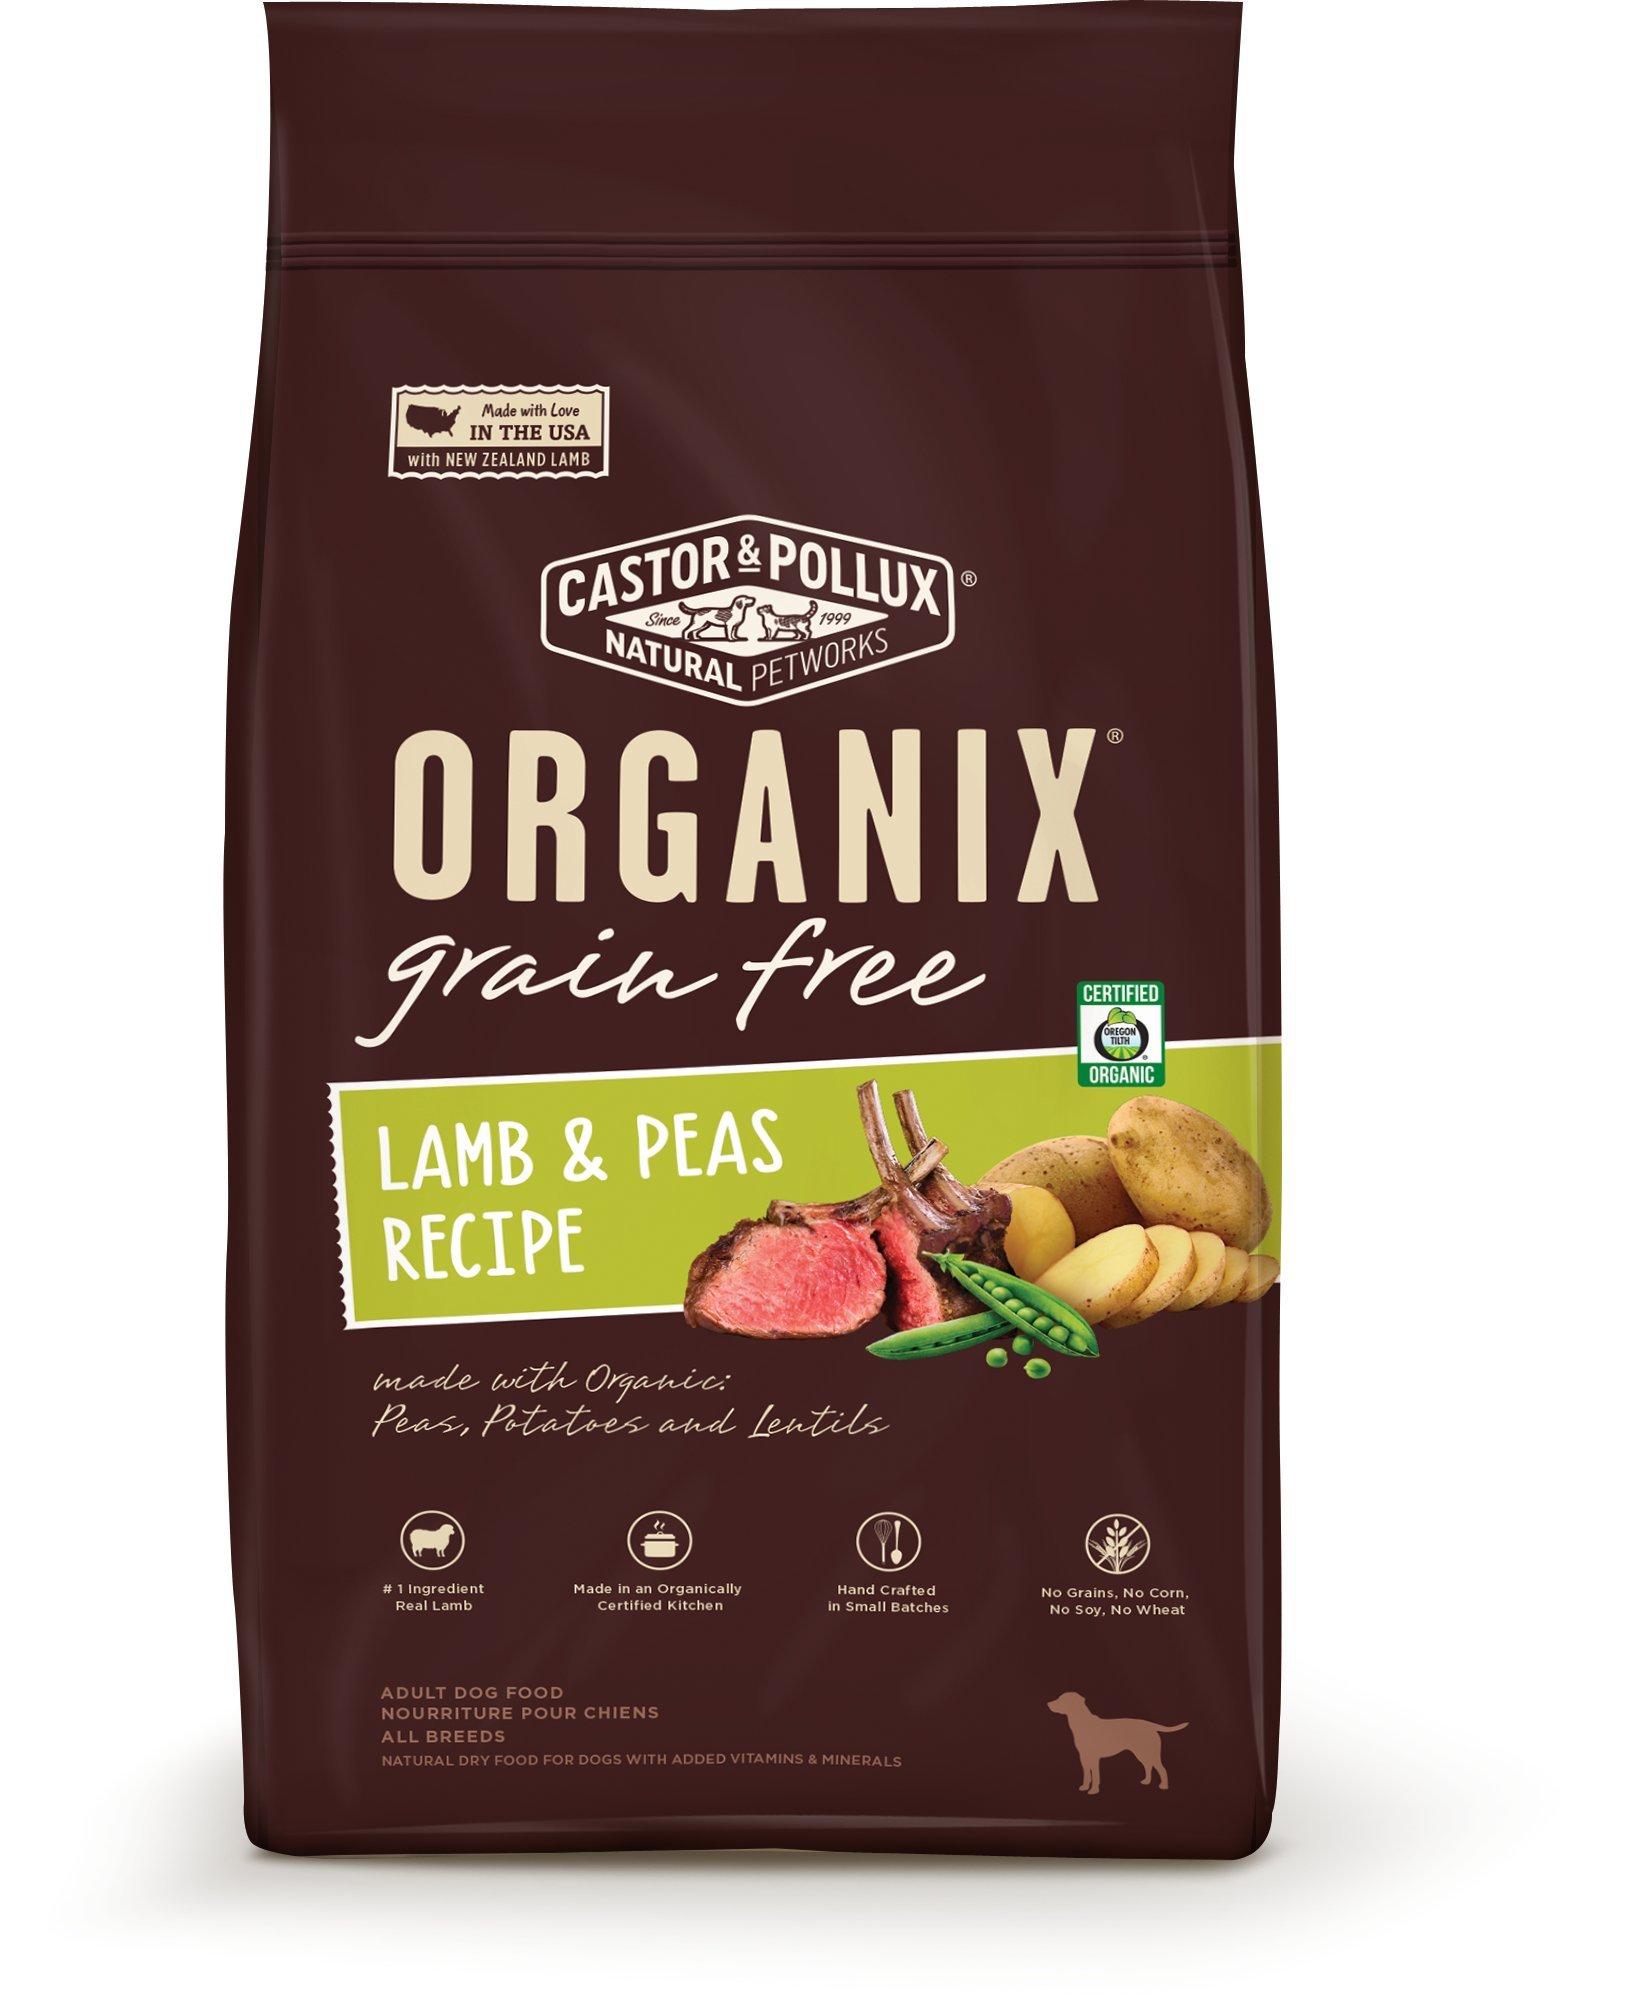 Organix Grain Free Lamb & Peas Recipe, 22 lb